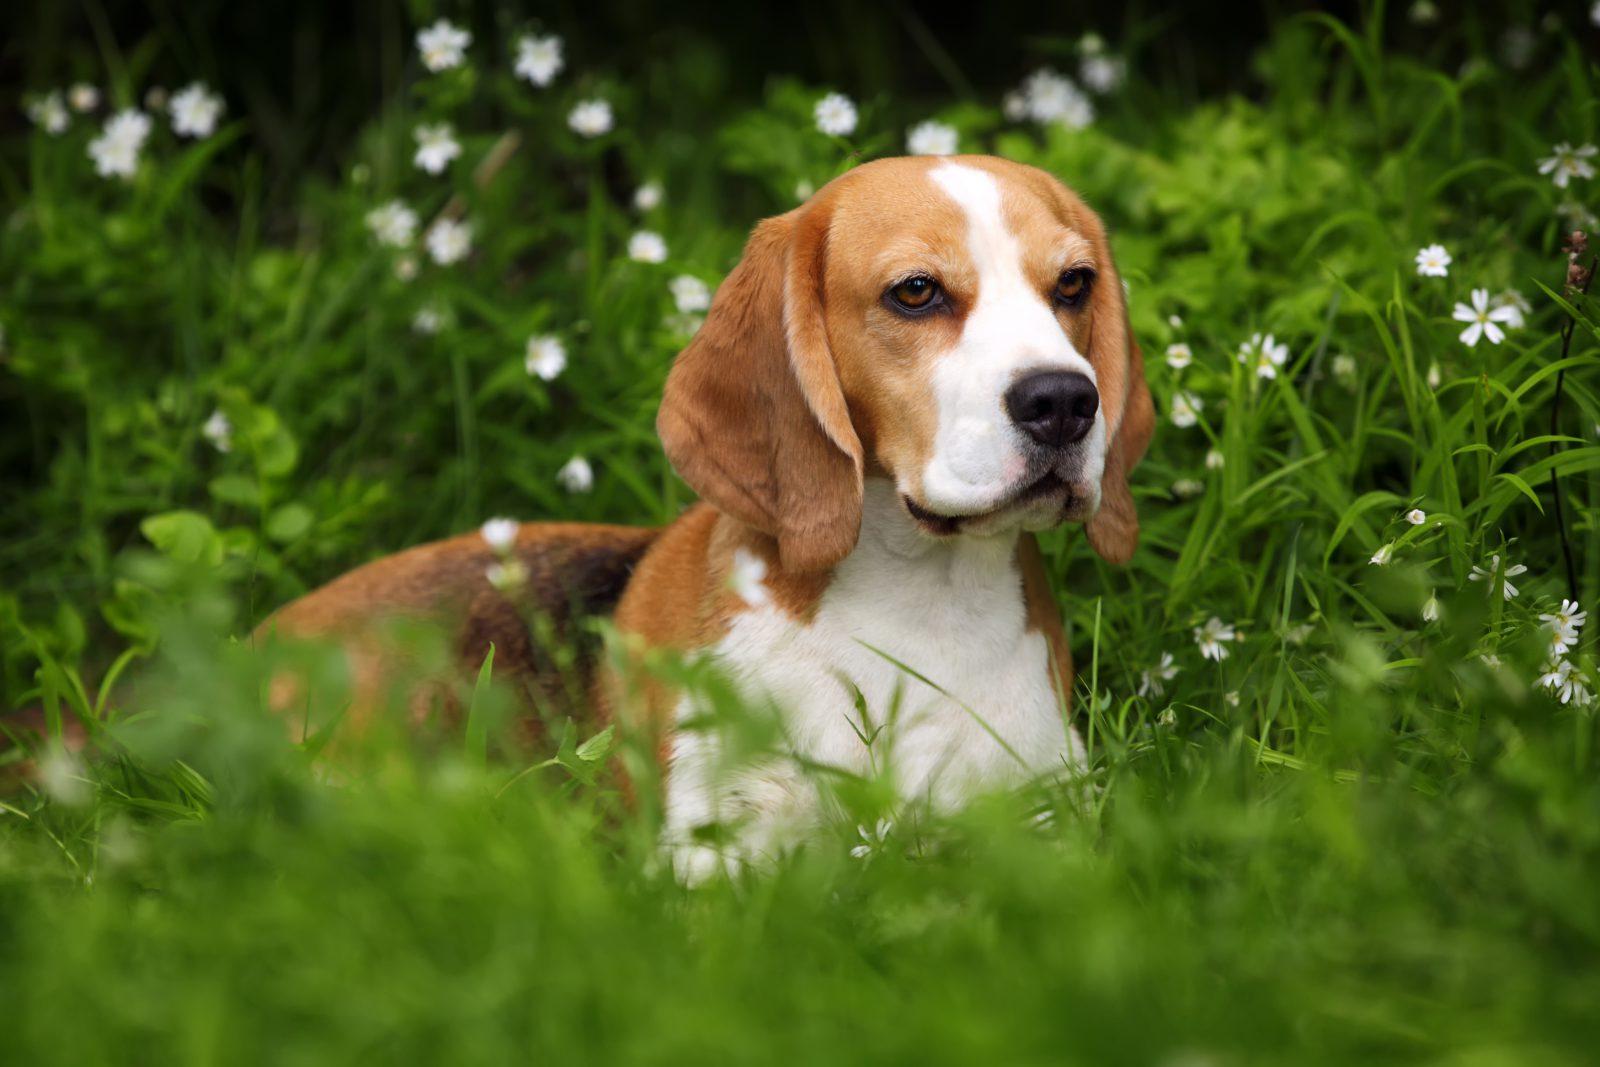 Cachorros de pequeno porte: Beagle adulto deitado na grama do jardim.